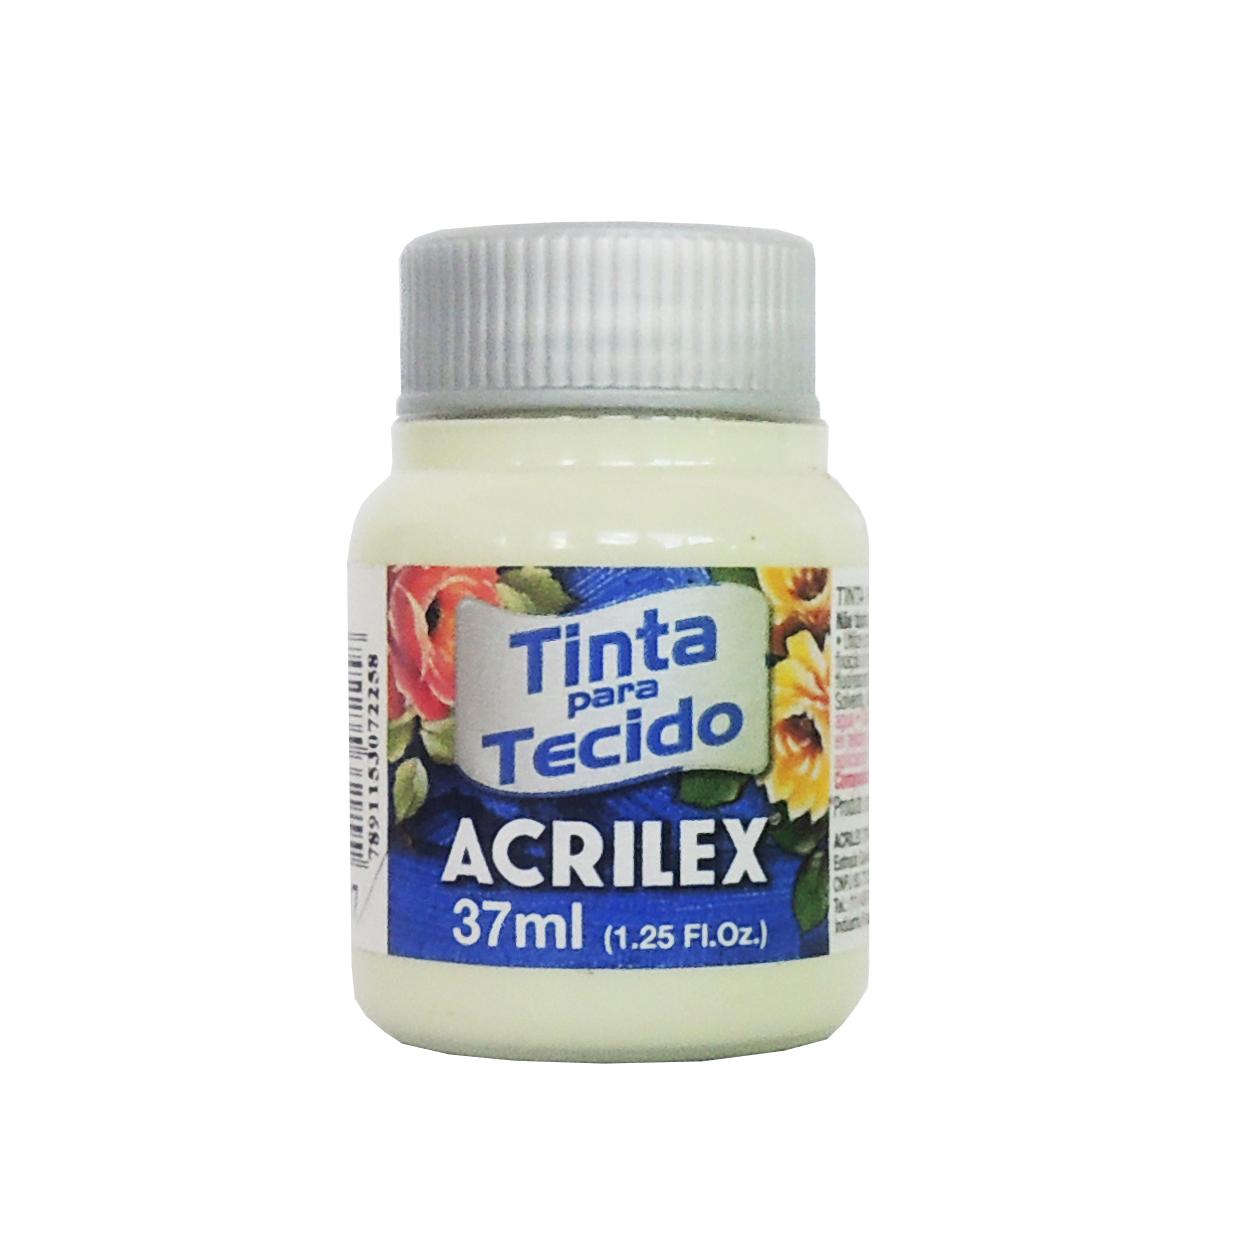 tinta-para-tecido-acrilex-37ml-897-verde-soft